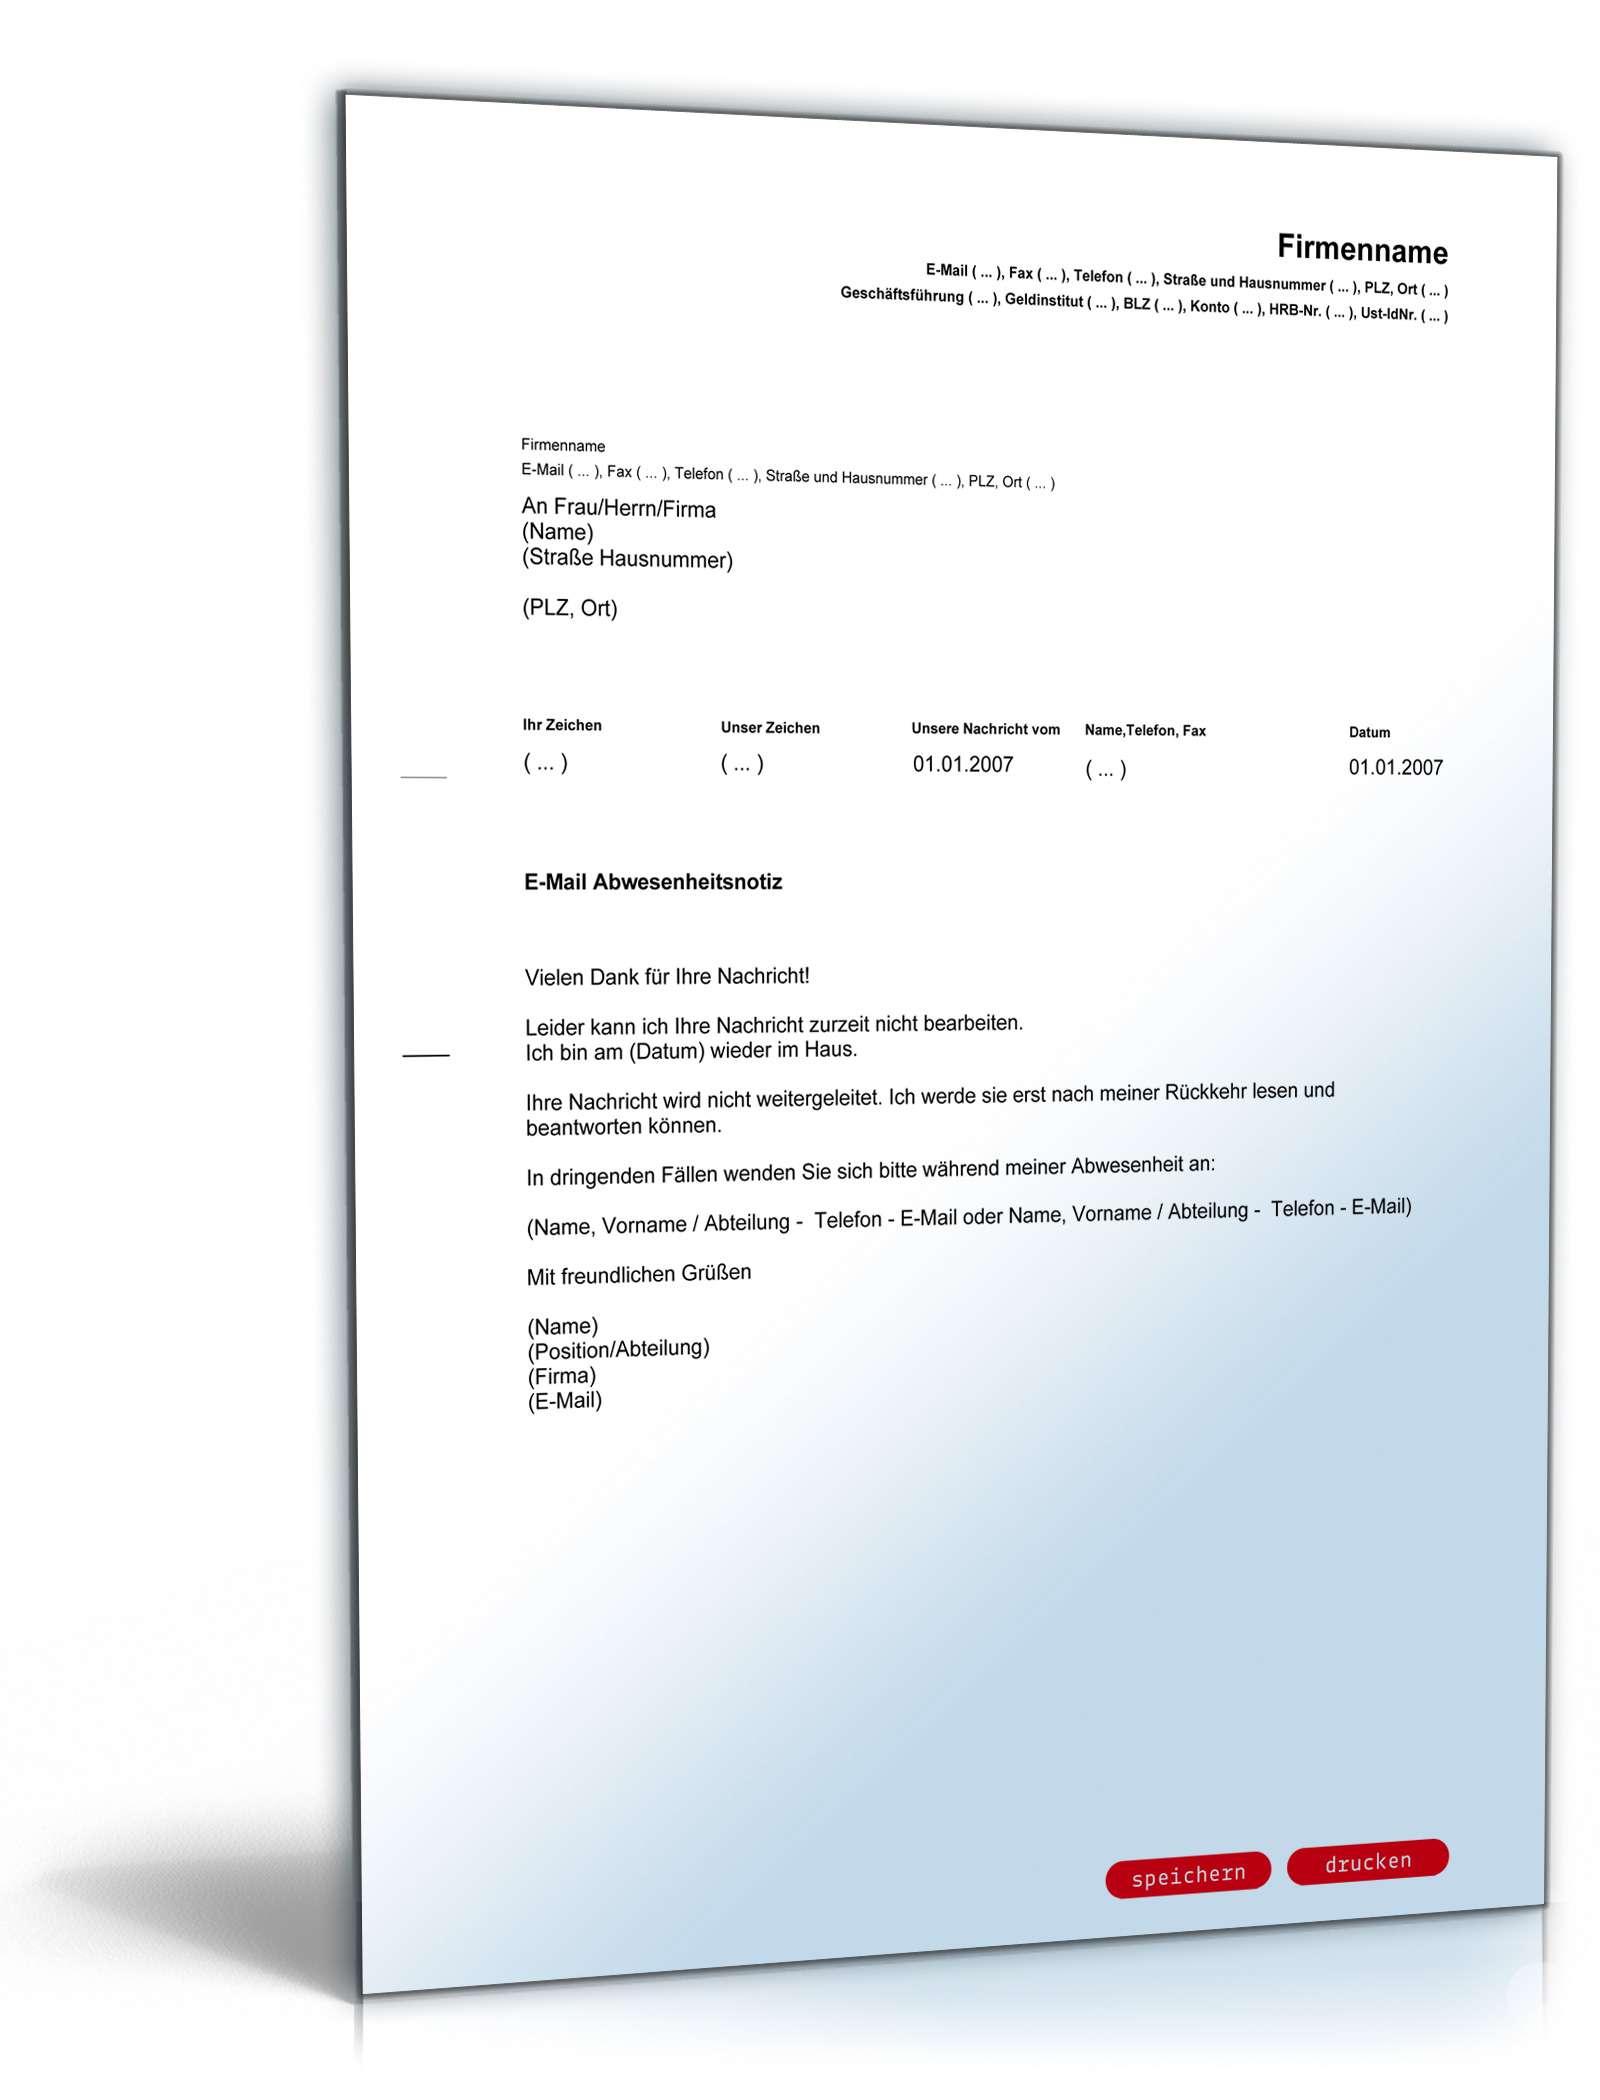 E Mail Absence Notice Englischdeutsch Vorlage Zum Download